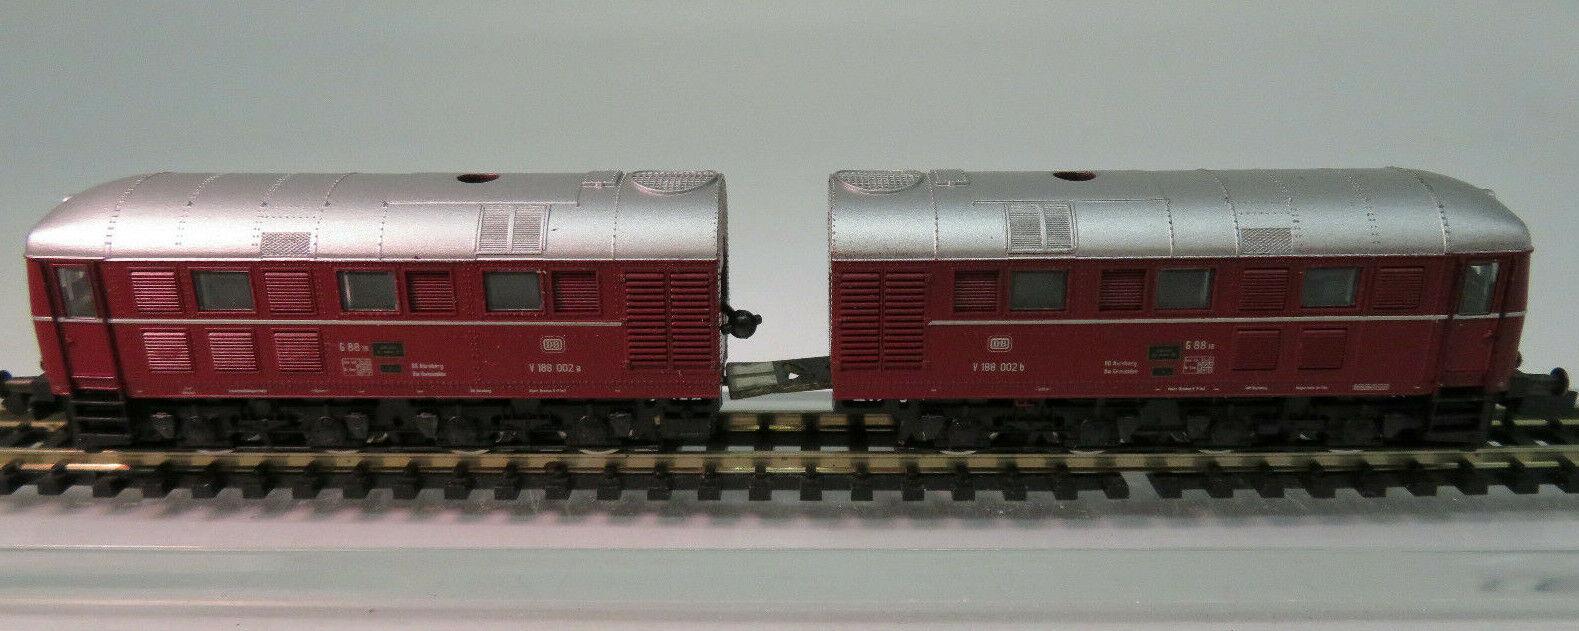 Roco 23436 n diesellok doppellok br v188 002 de la DB rojo oscuro como nuevo